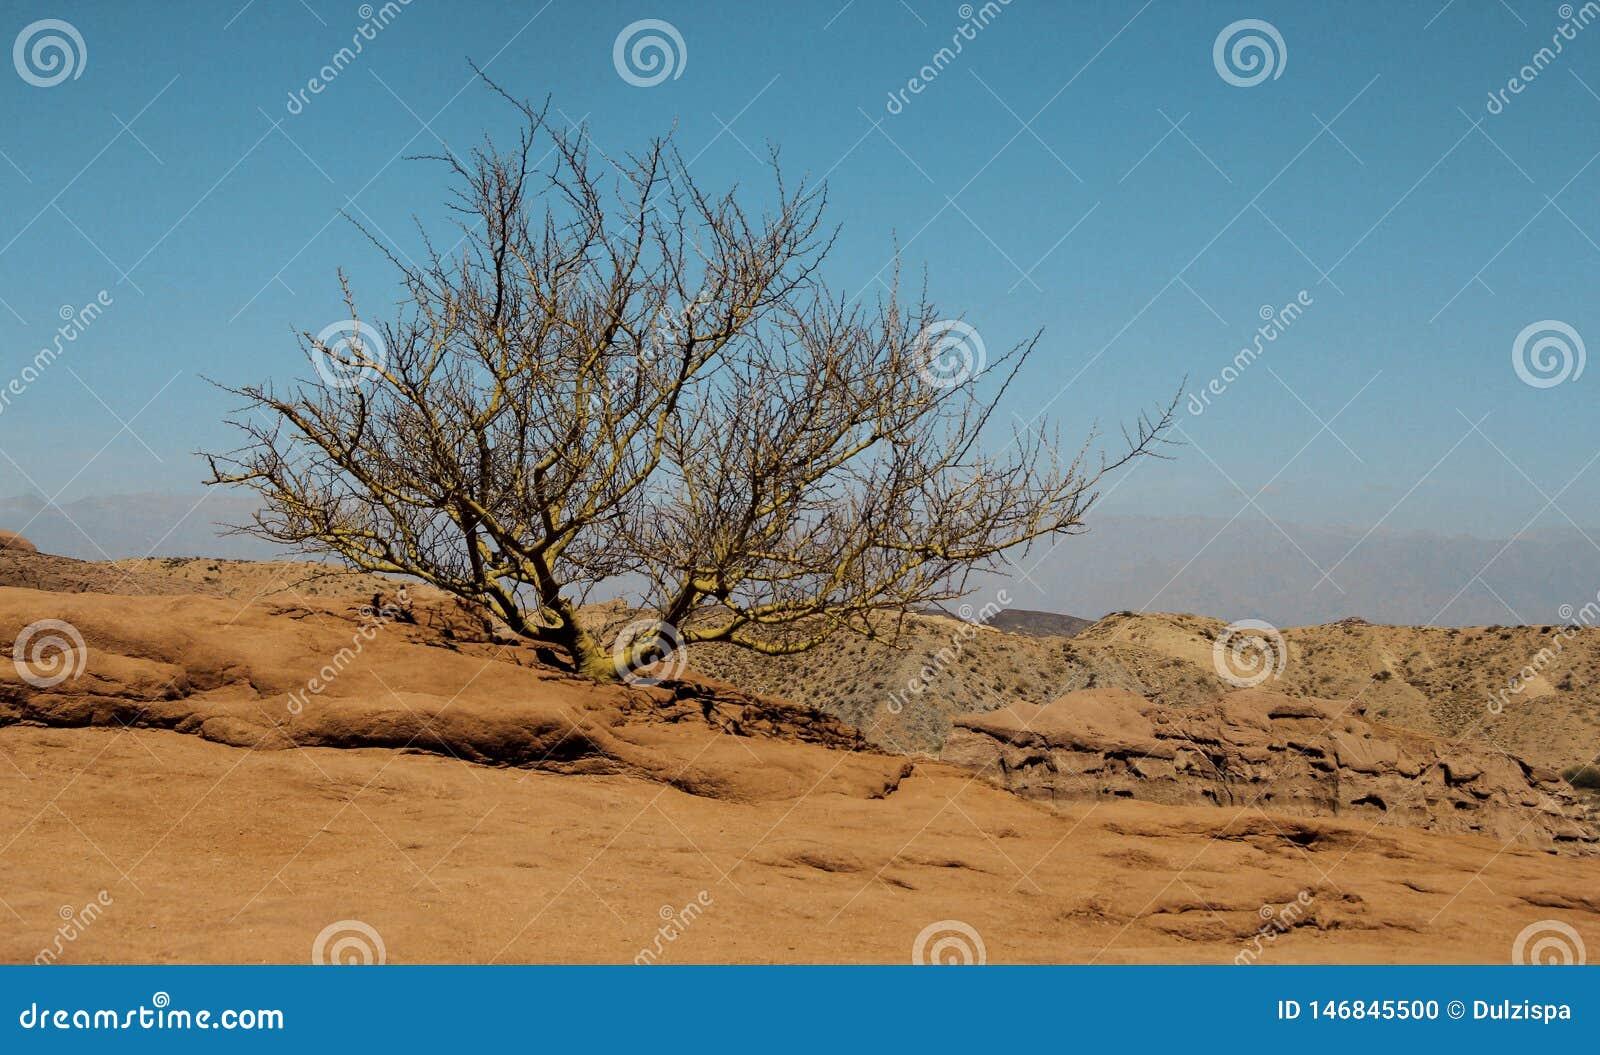 Сиротливый куст в пустыне в Аргентине